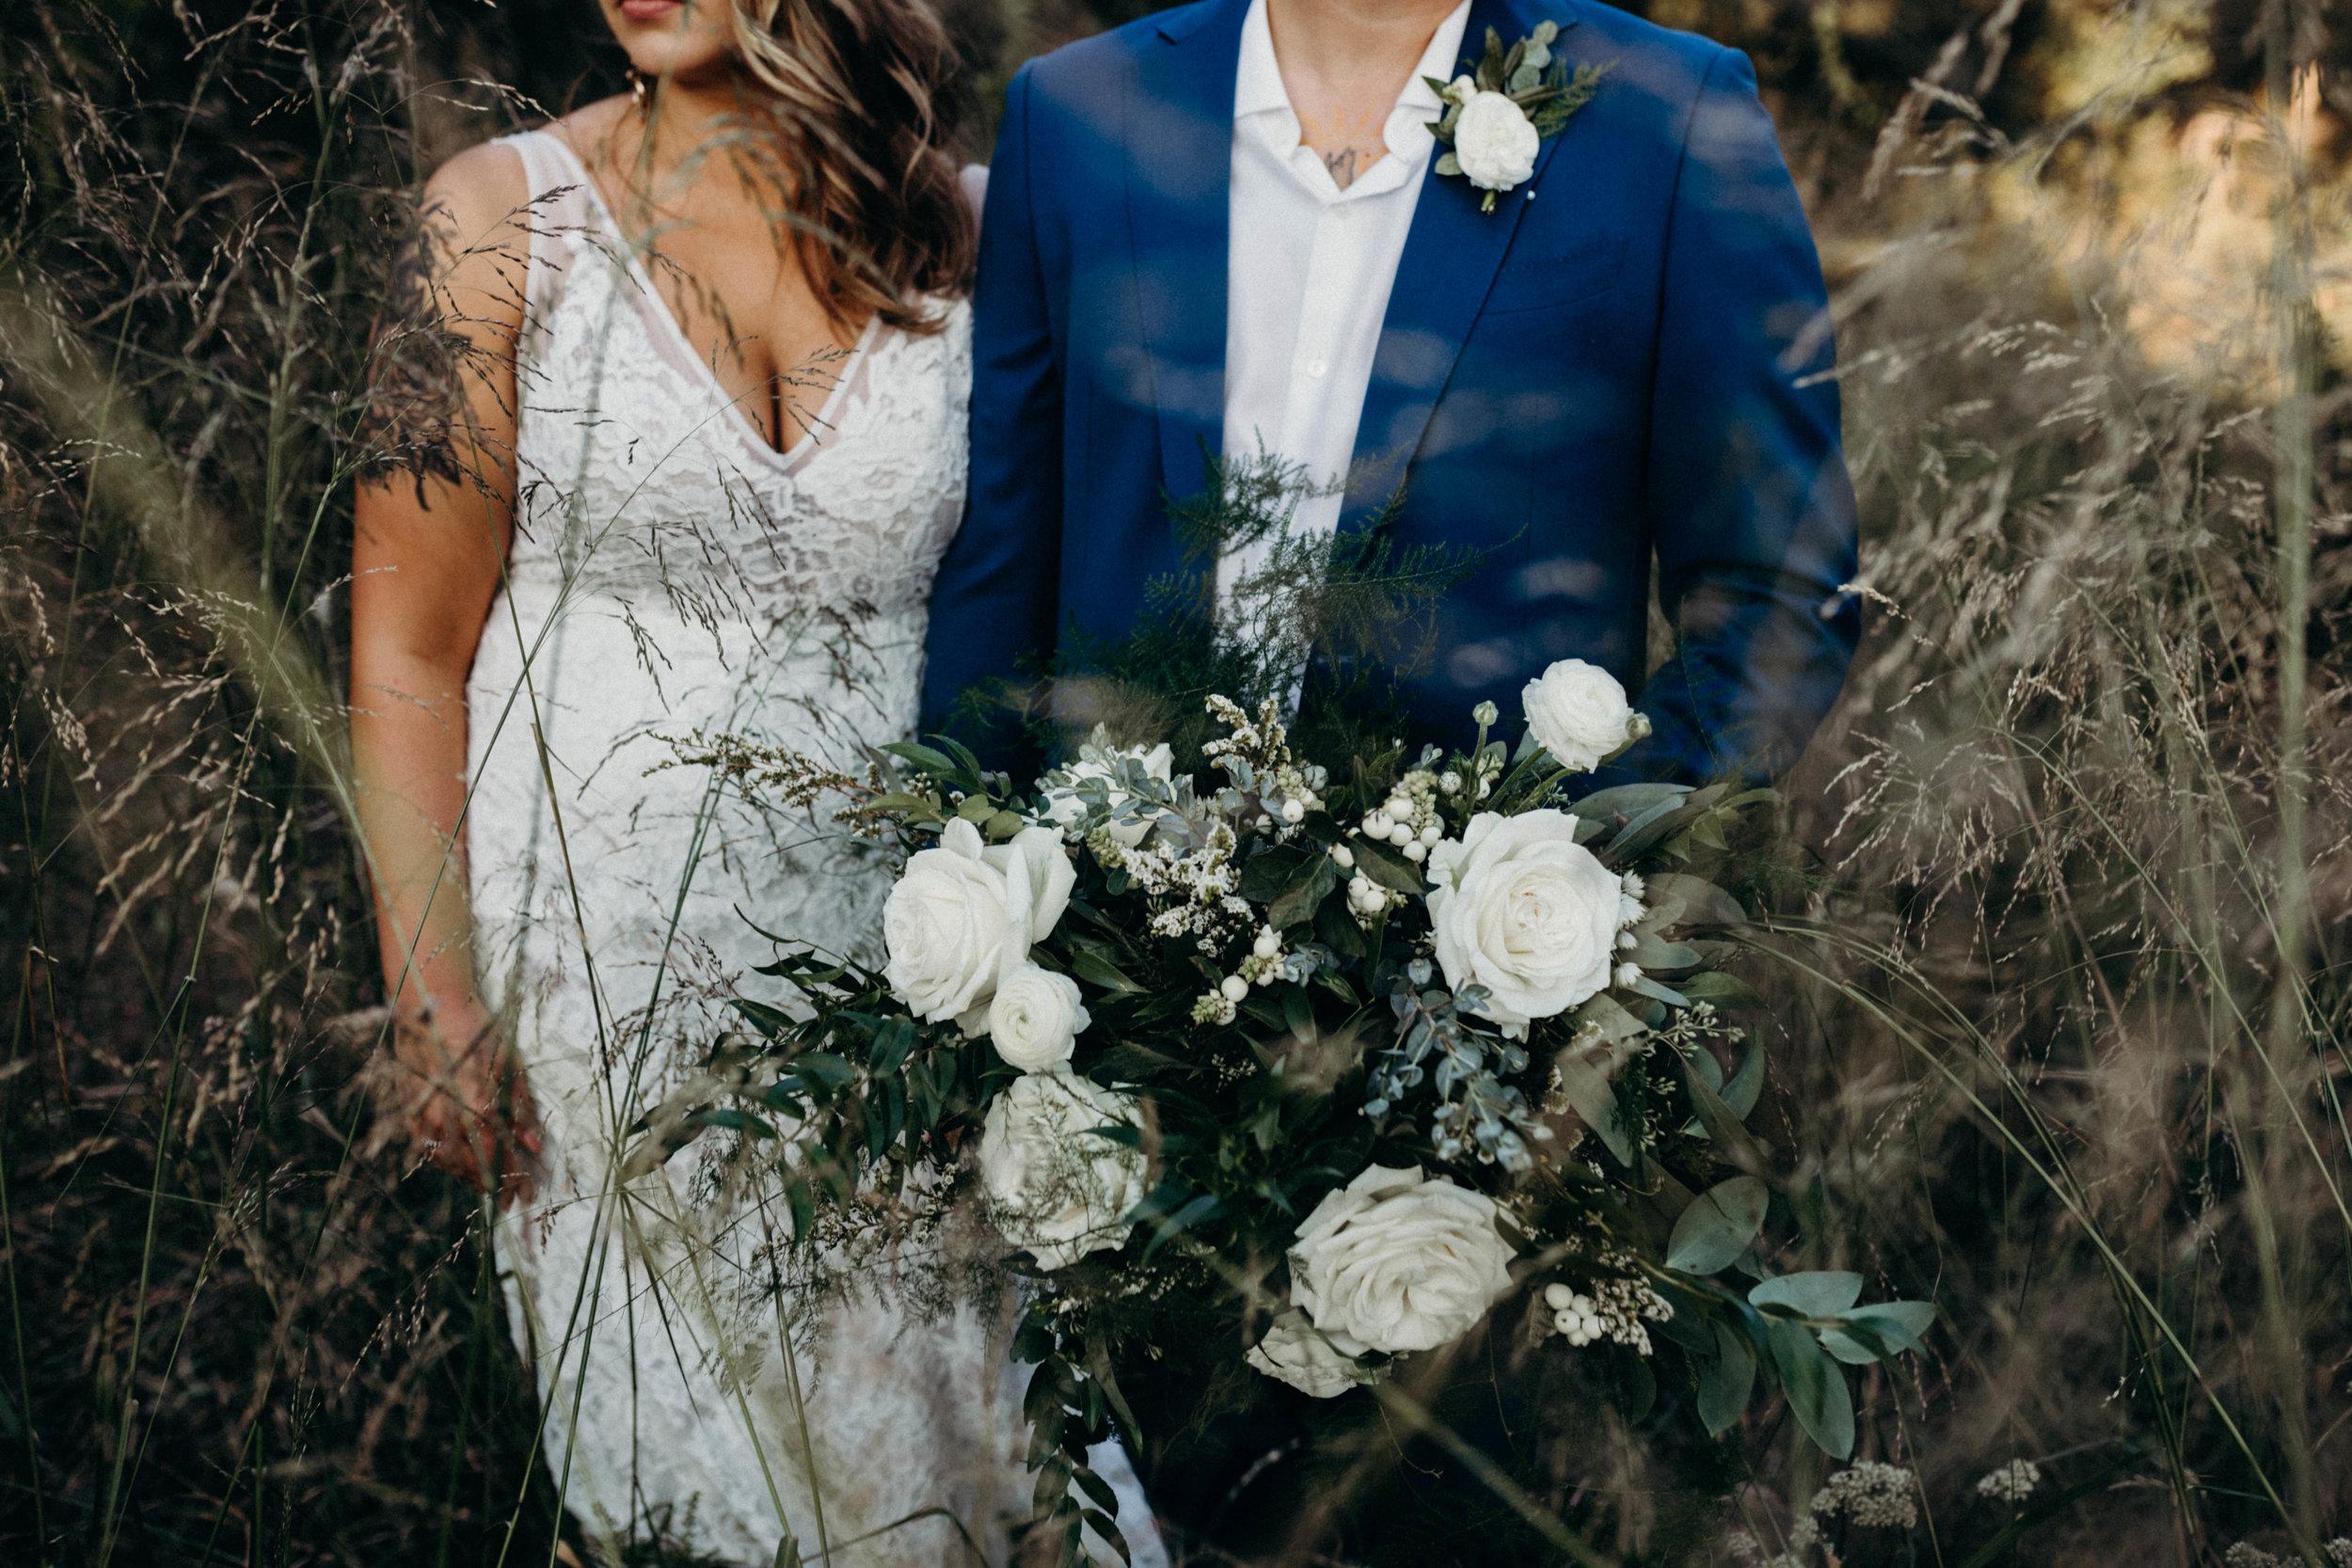 dietzen_aubrey-texas-the-springs-wedding_030-1.jpg